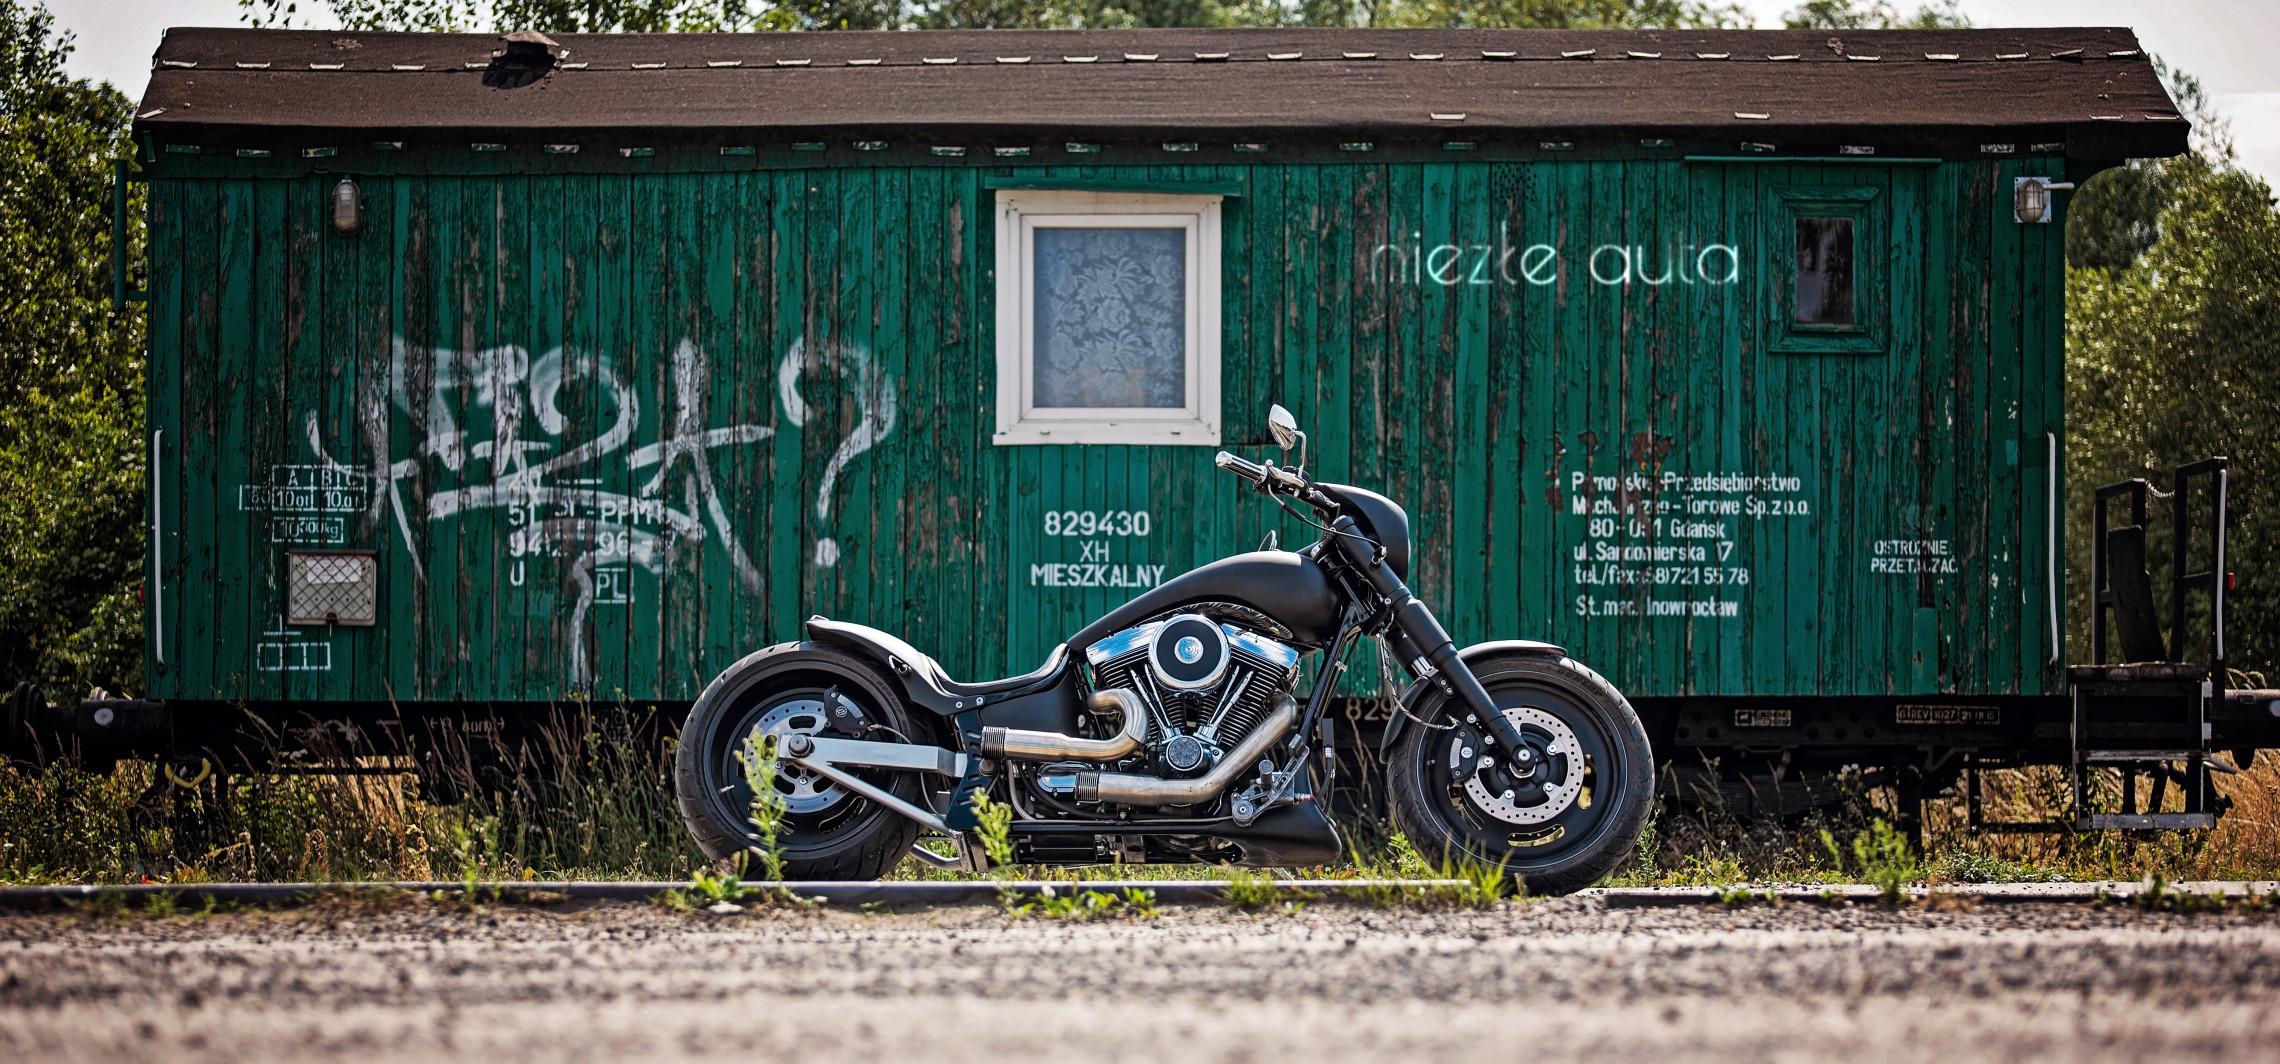 Zbudował sobie motocykl. I to jaki!